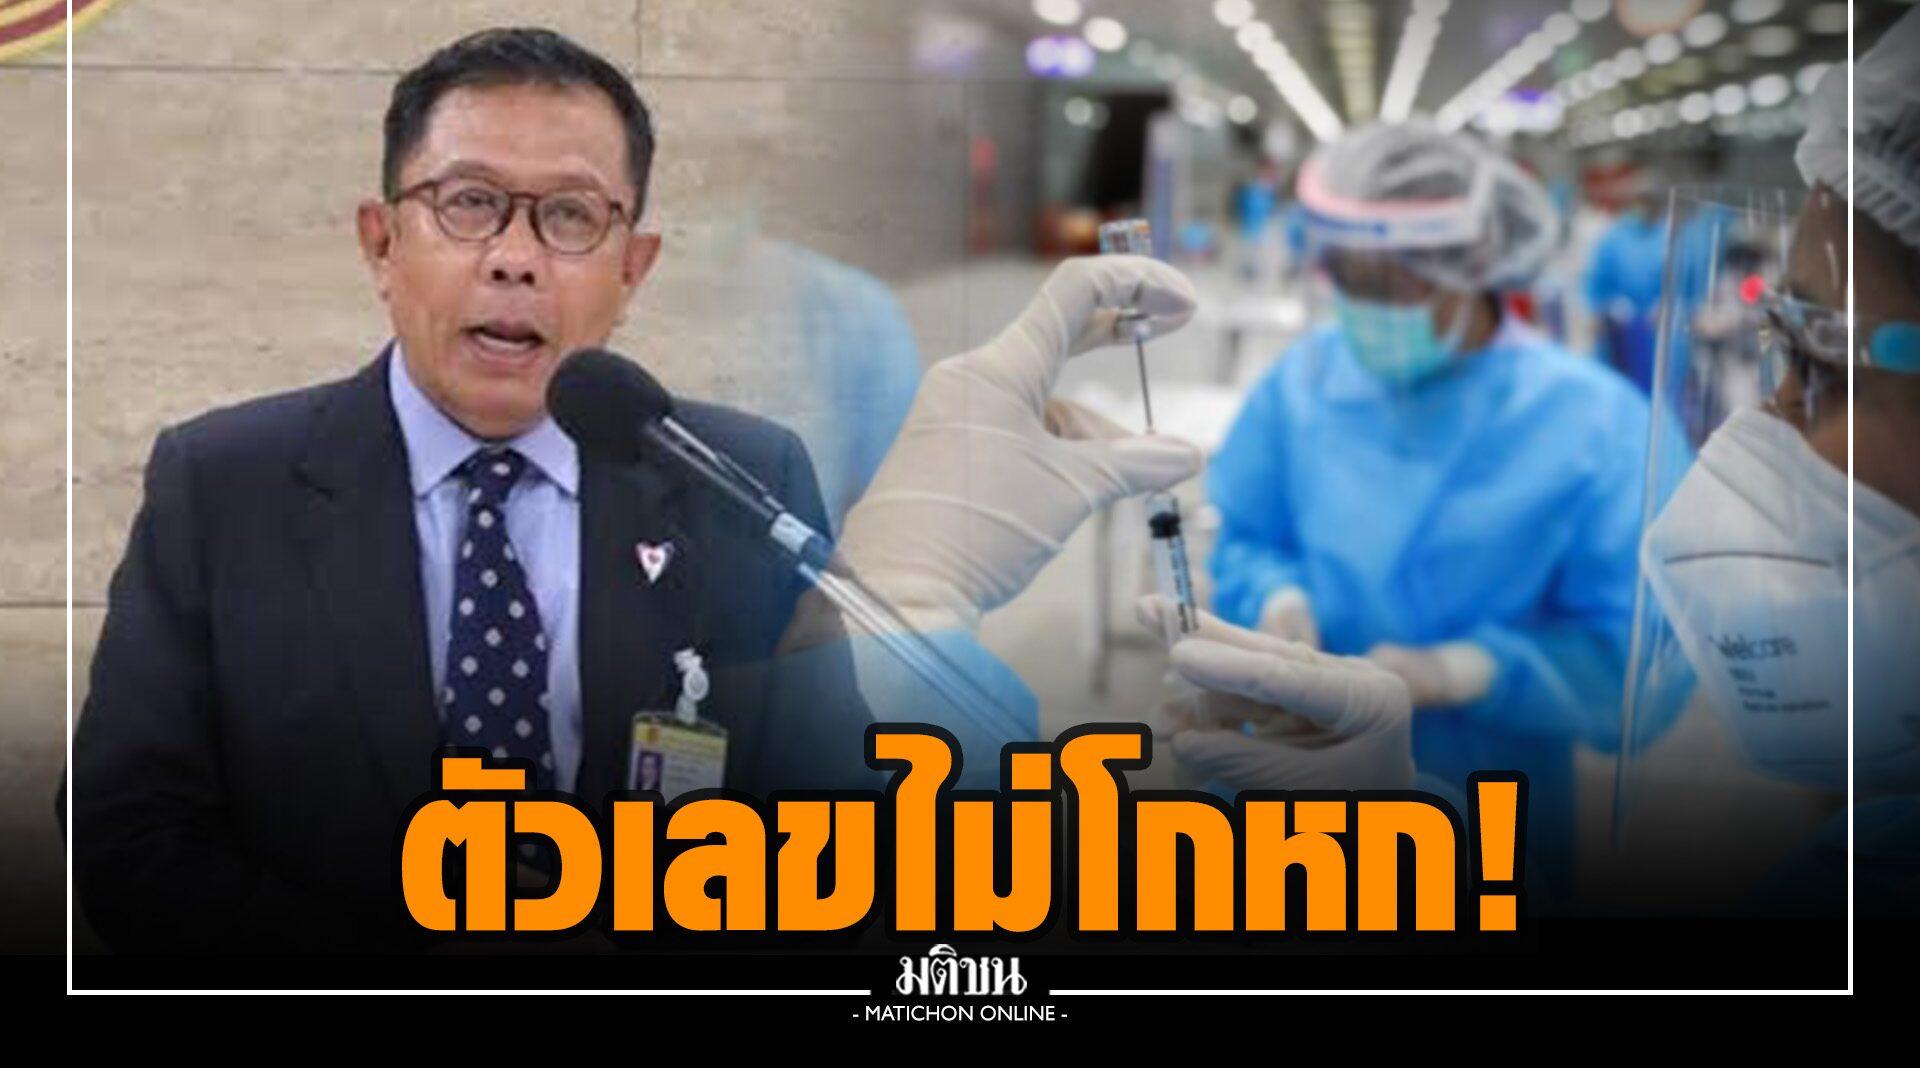 ตัวเลขไม่โกหก! 'ศุภชัย' สวนนักวิจารณ์ พร้อมสดุดีคนทำงาน หลังไทยฉีดวัคซีนโควิด ทะลุ 42 ล้านโดส